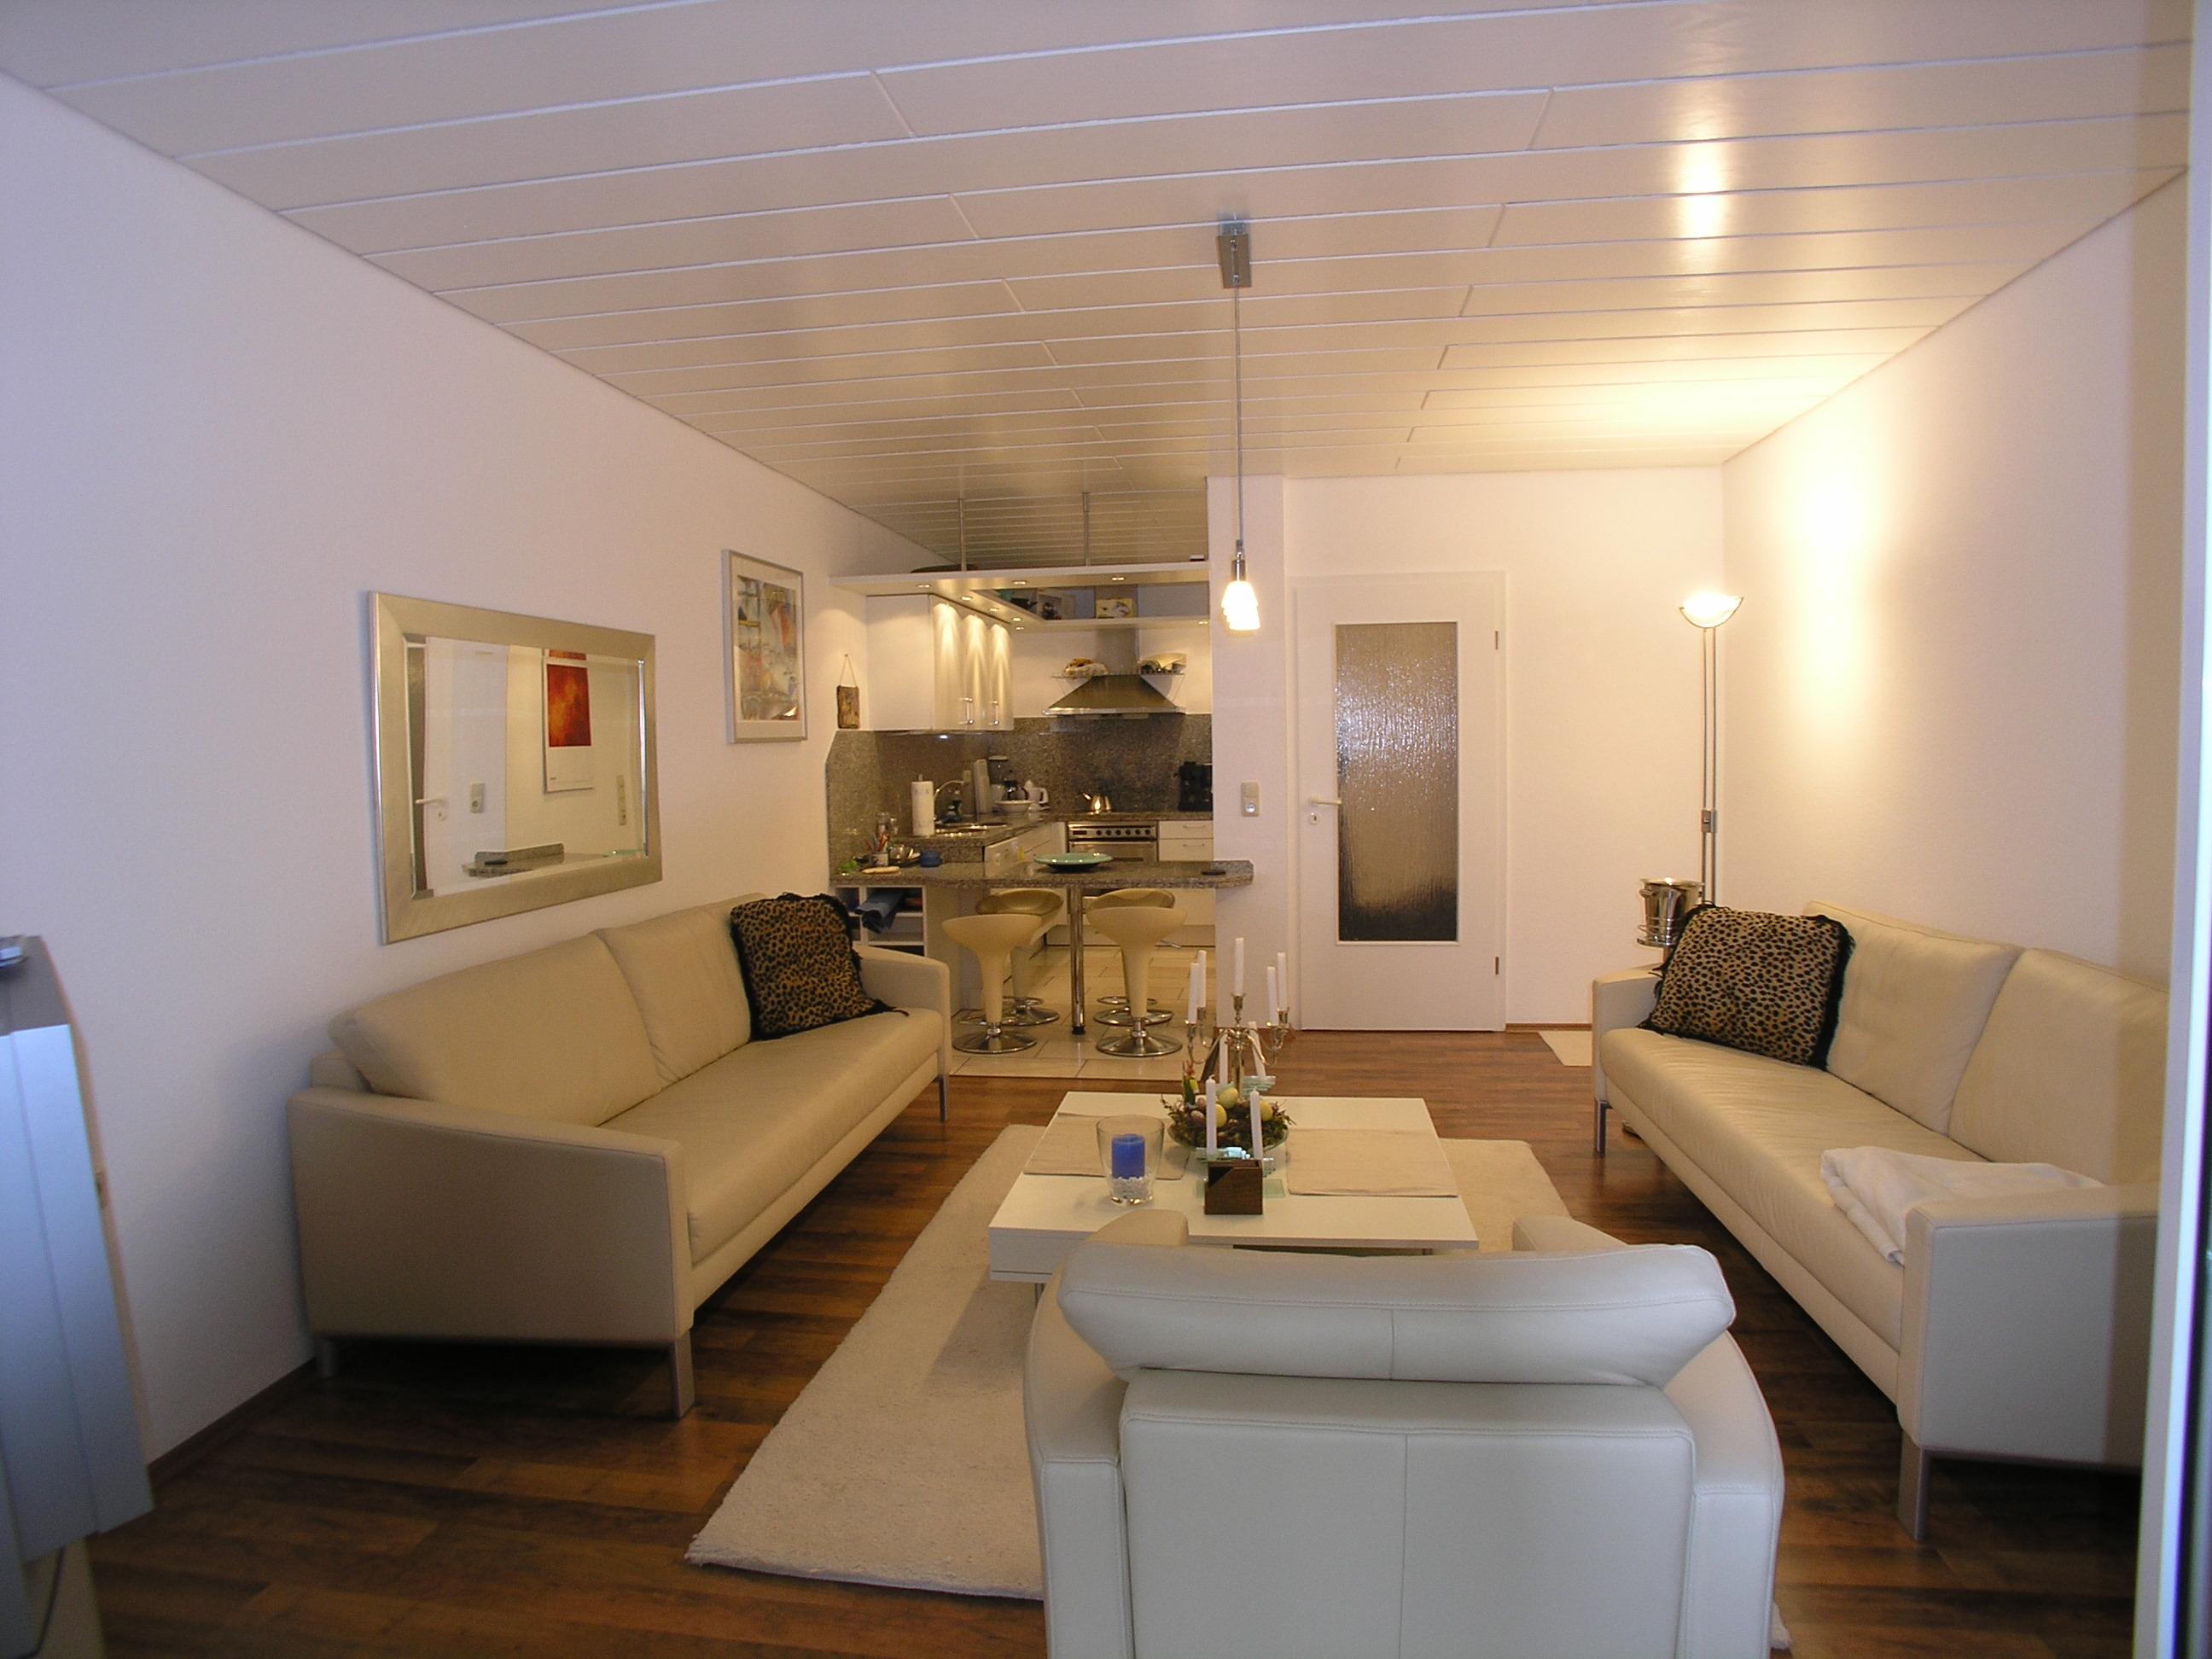 Wohnzimmergestaltung reihenhaus for Wohnzimmergestaltung ideen